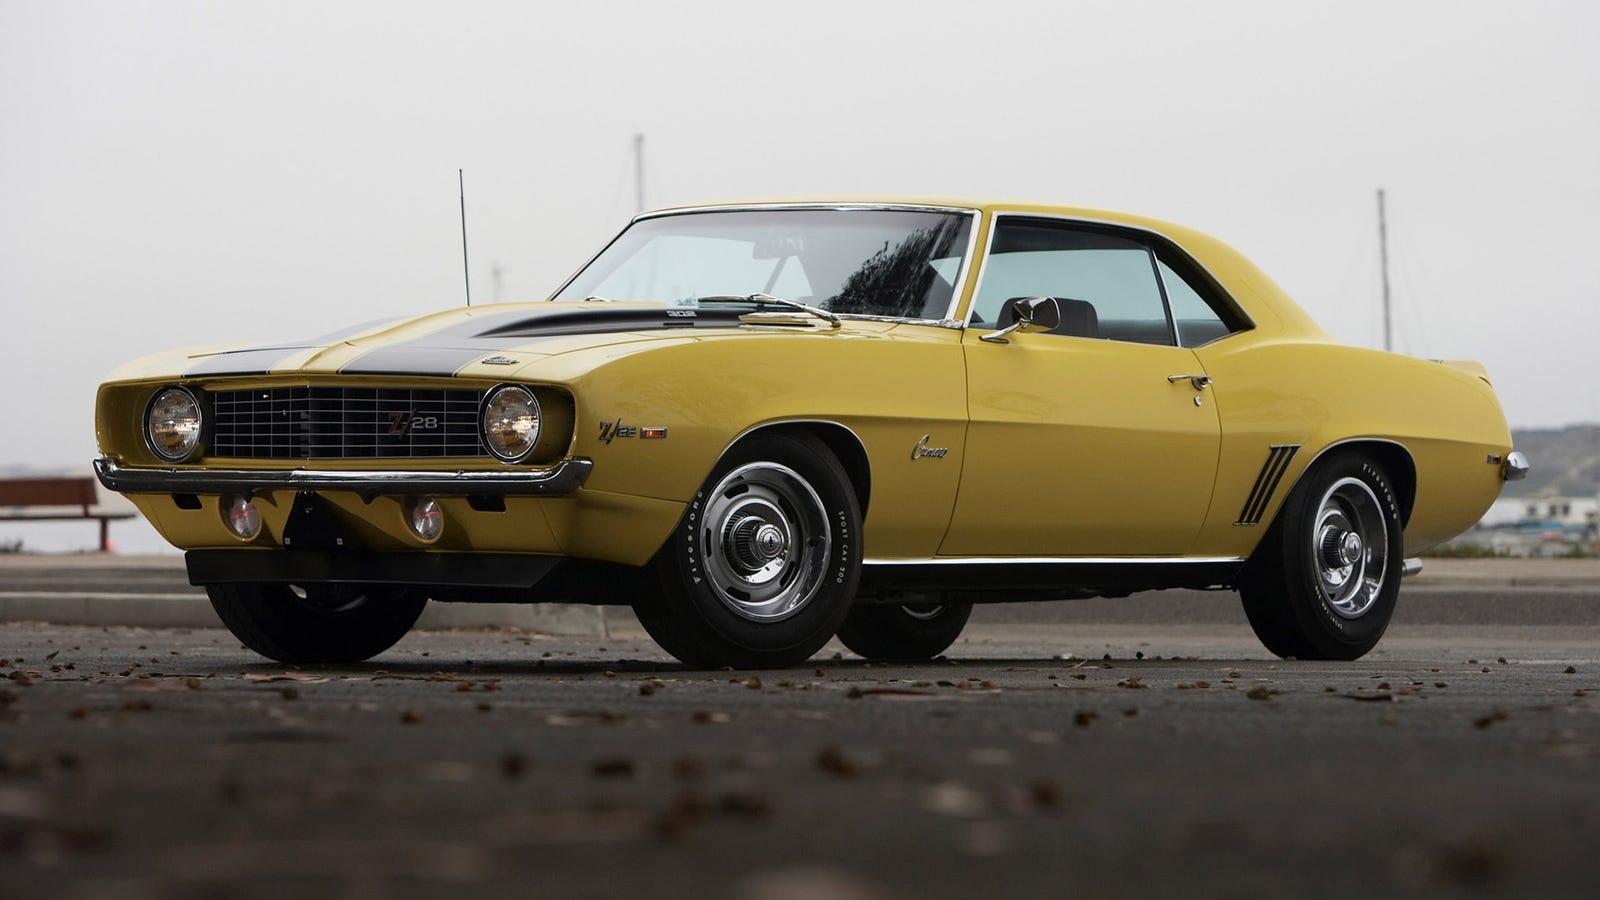 1978 chevrolet camaro z28 350 cu v8 185 hp 4 speed sold - 1978 Chevrolet Camaro Z28 350 Cu V8 185 Hp 4 Speed Sold 13